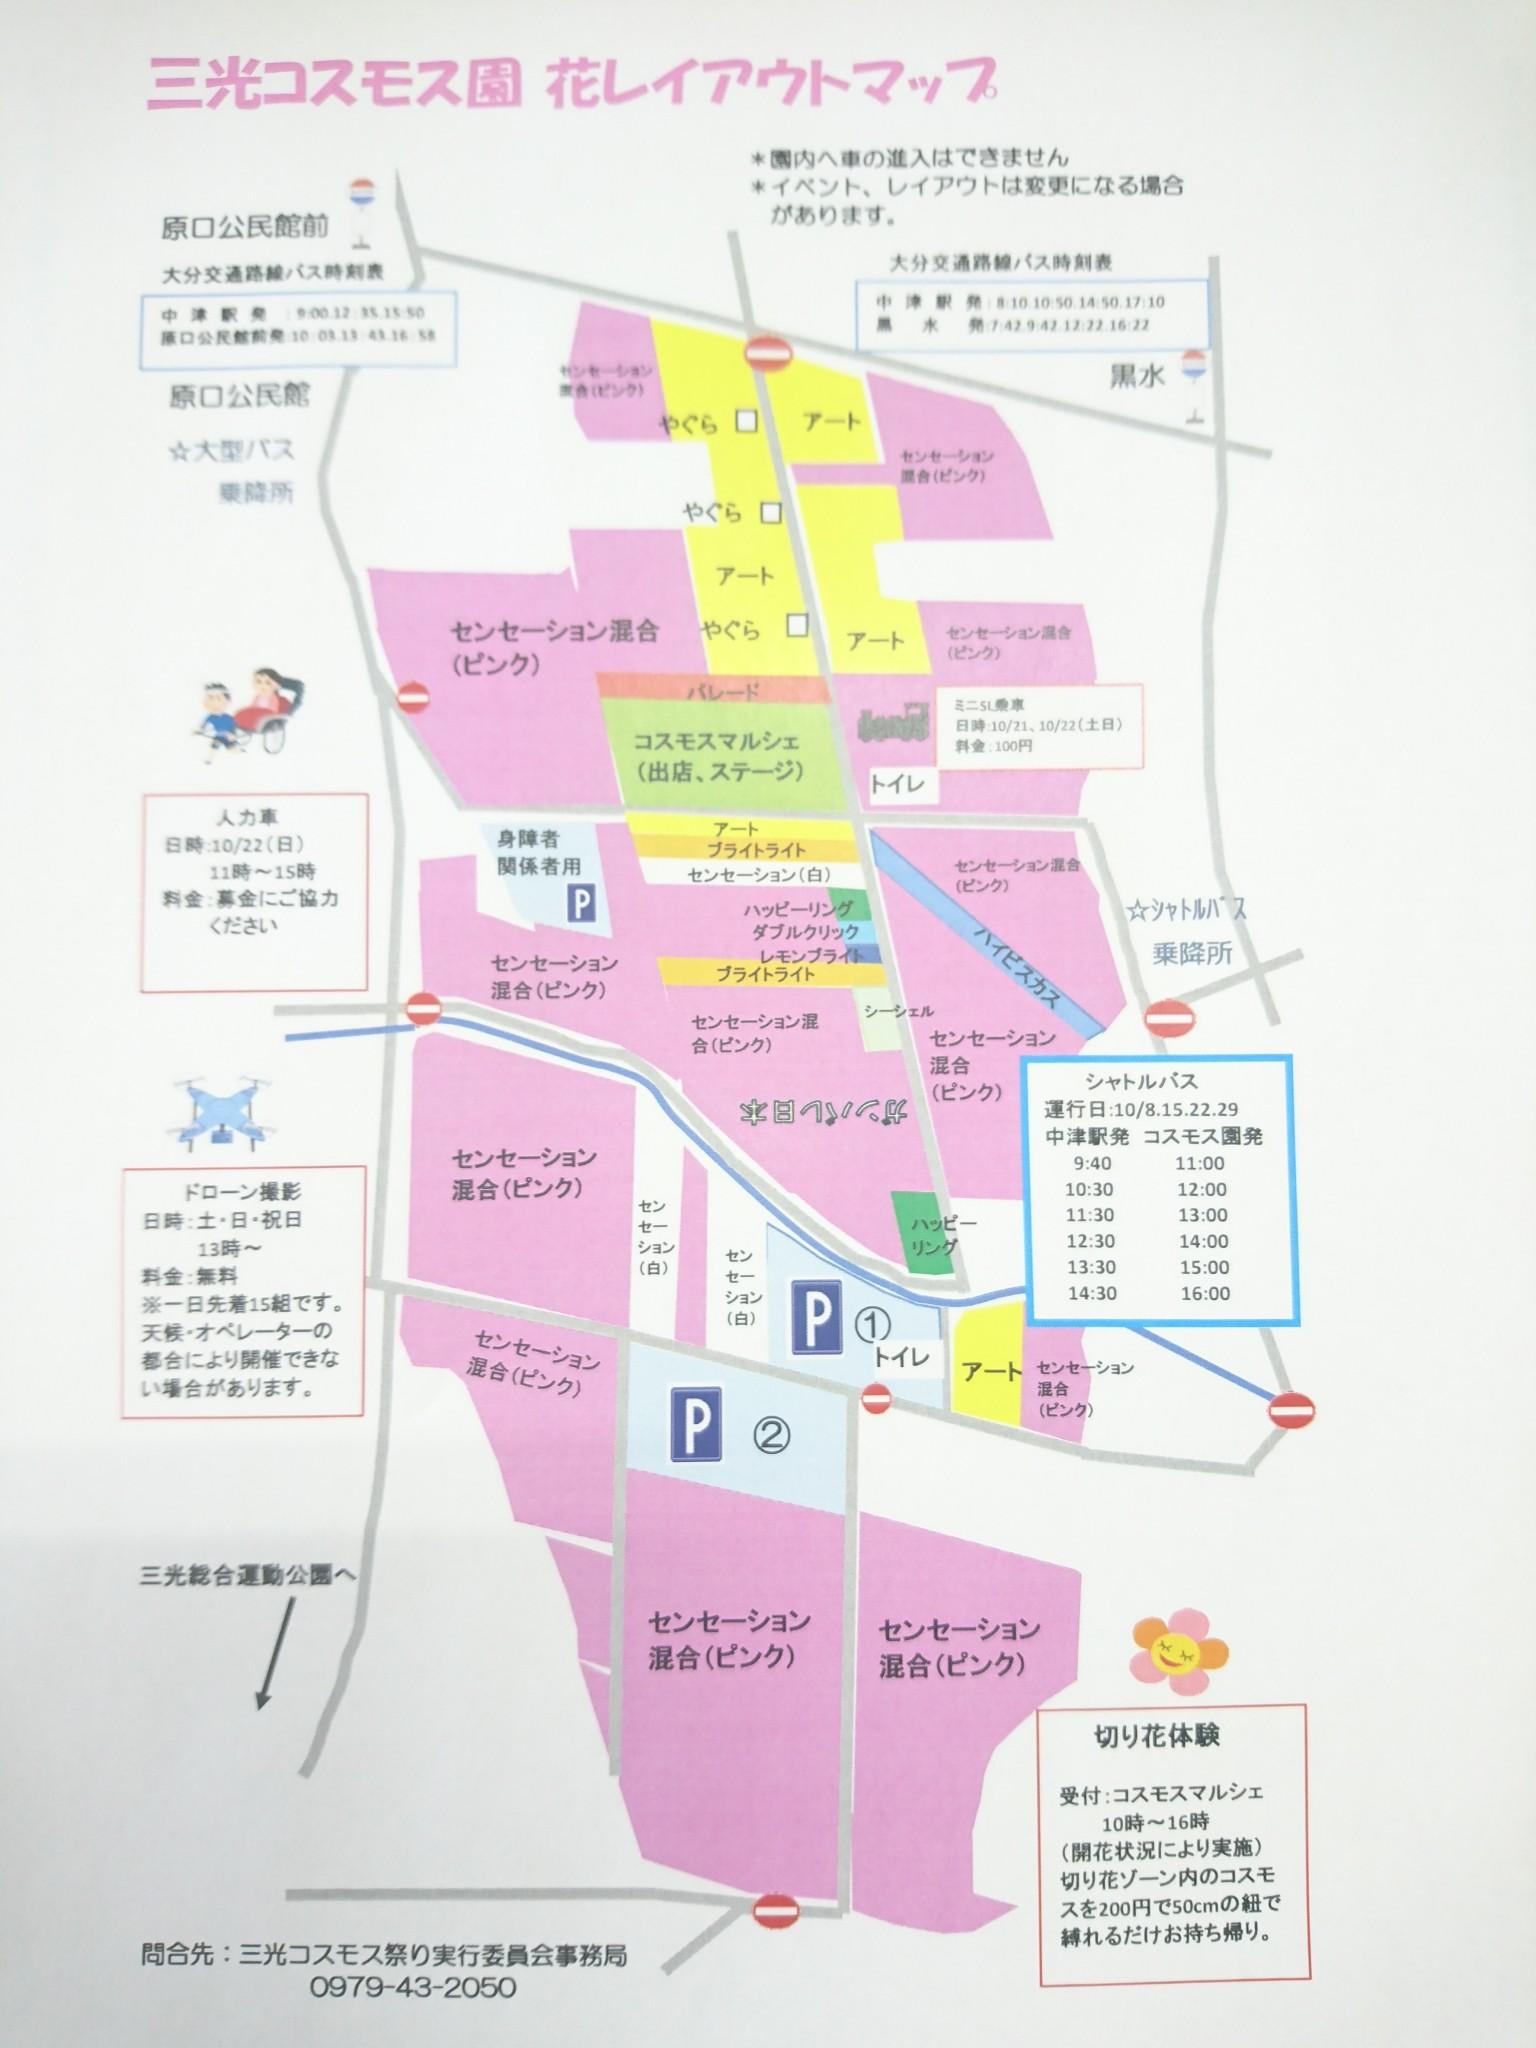 17-10-12-11-49-05-299_photo